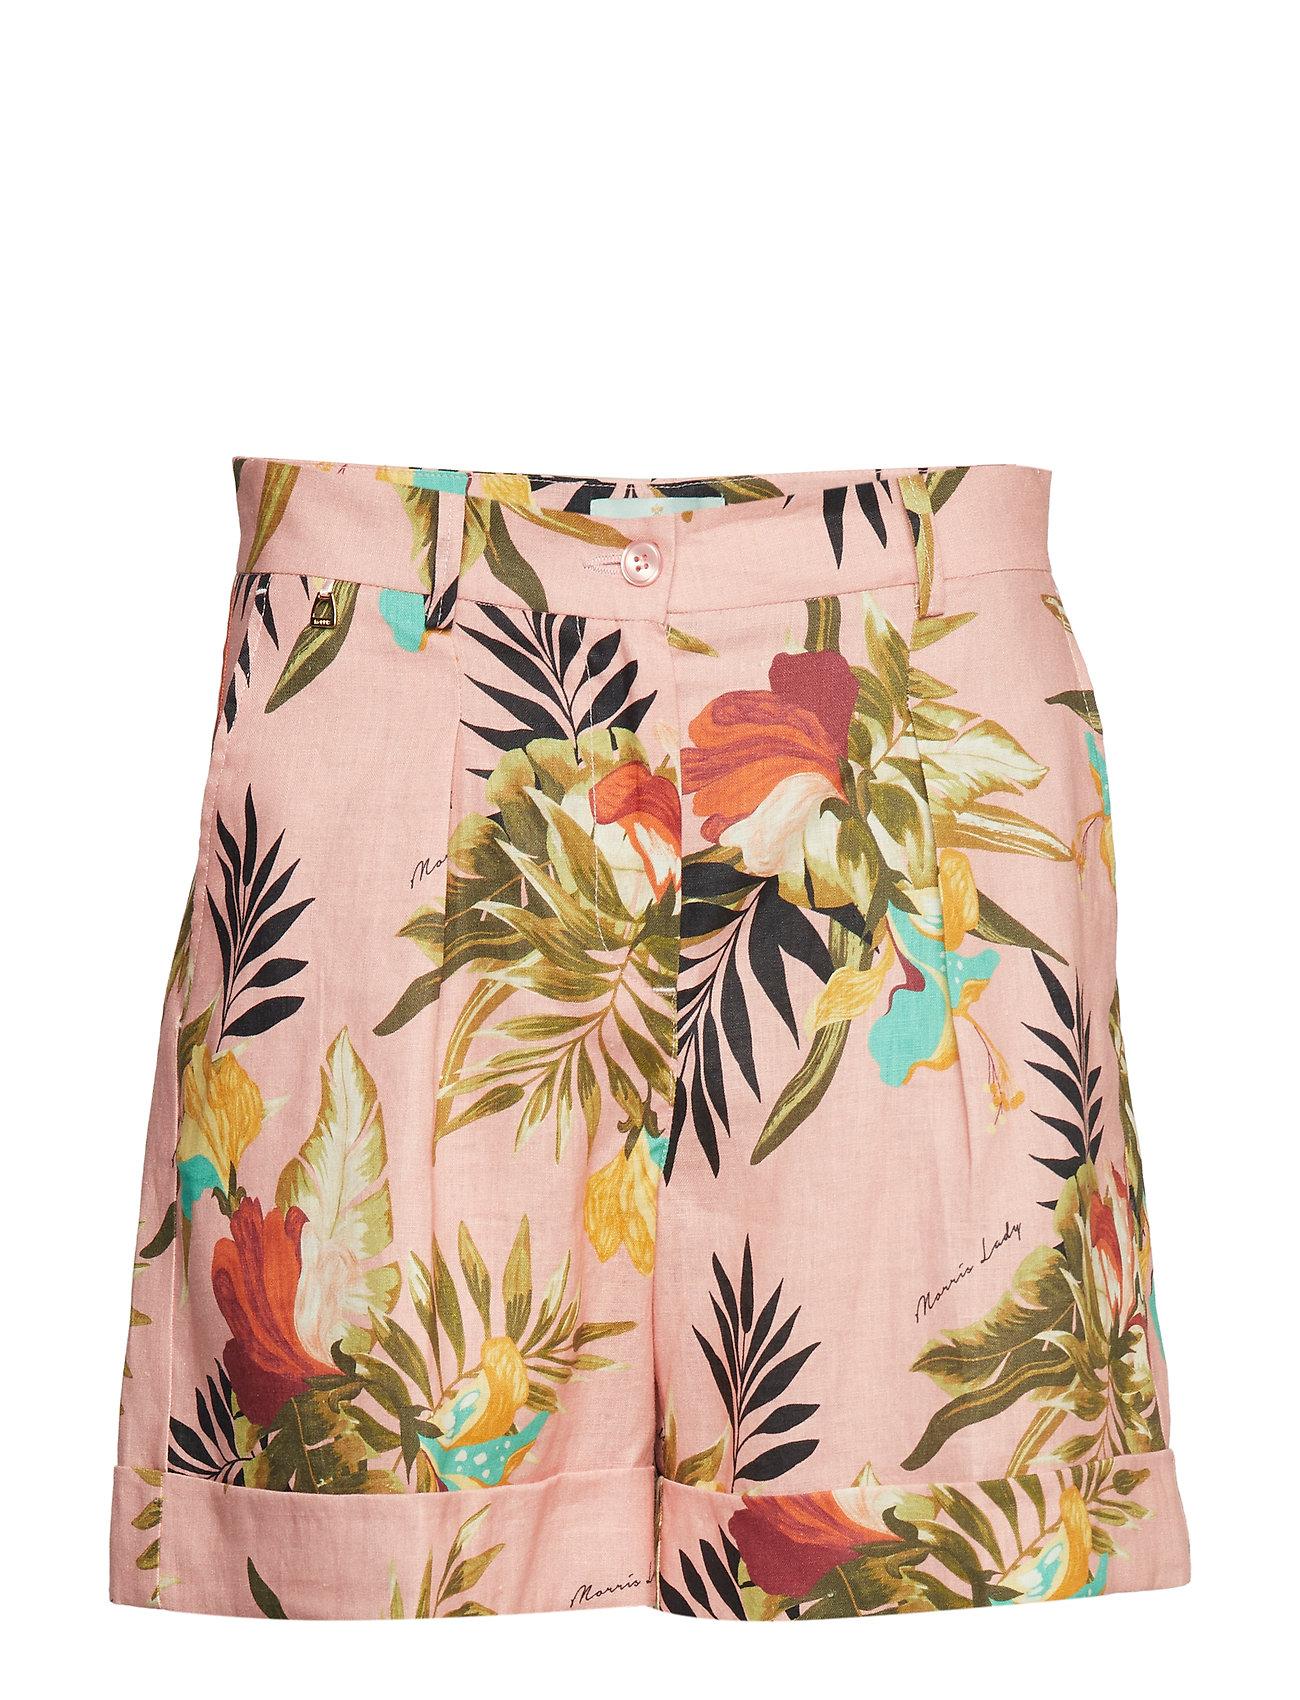 Morris Lady Mara Printed Linen Shorts - PINK